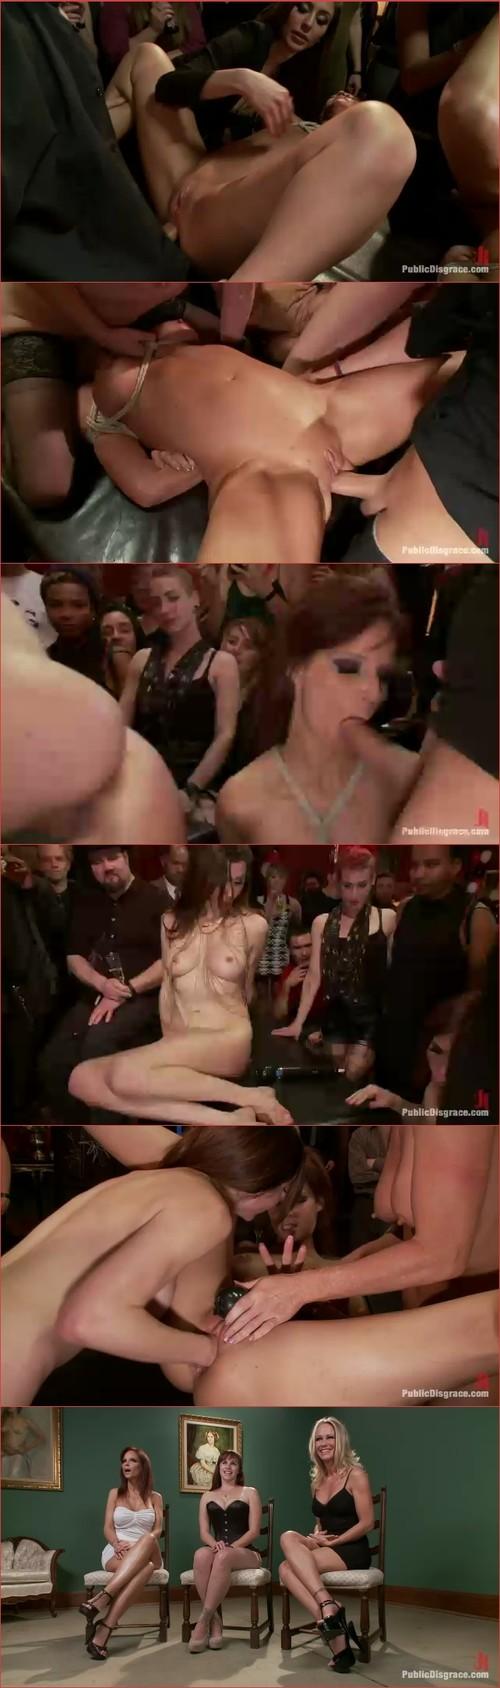 Brut_fuck-girl.4896_cover_m.jpg